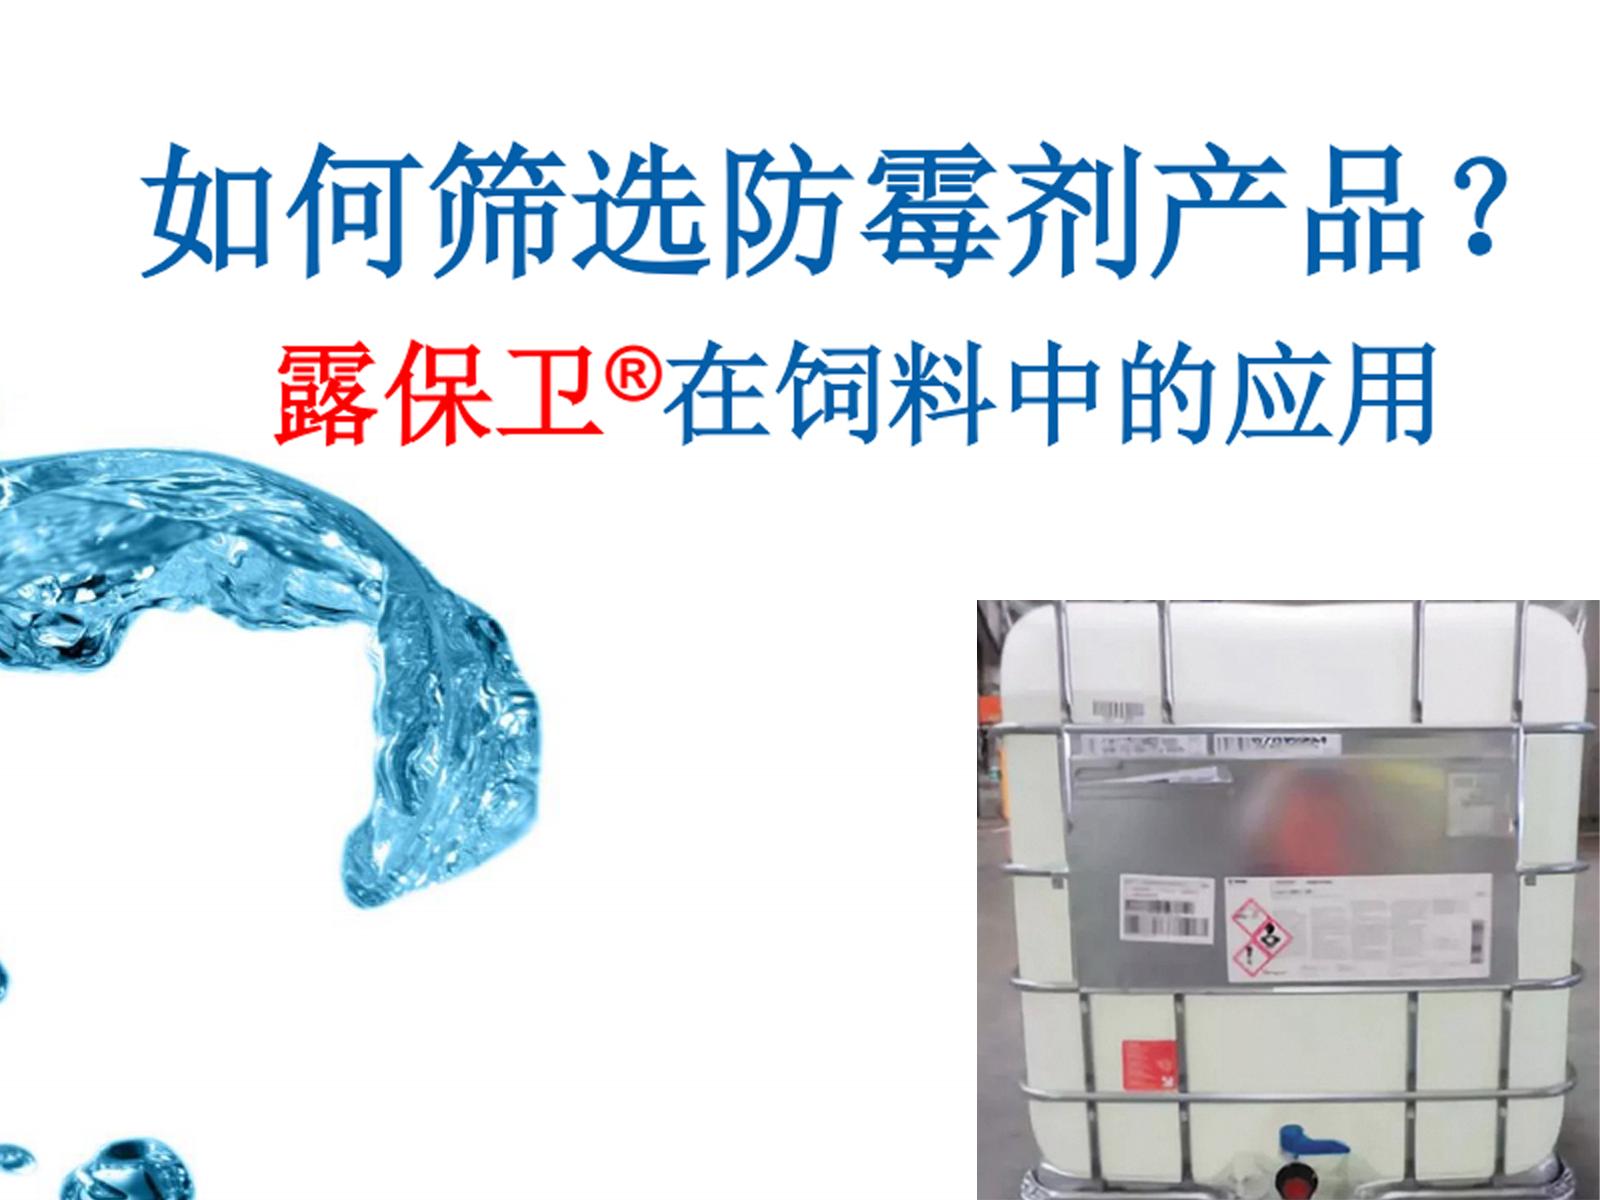 为什么饲料会发霉?|霉菌治理资讯-哈尔滨凯迈生物科技有限公司